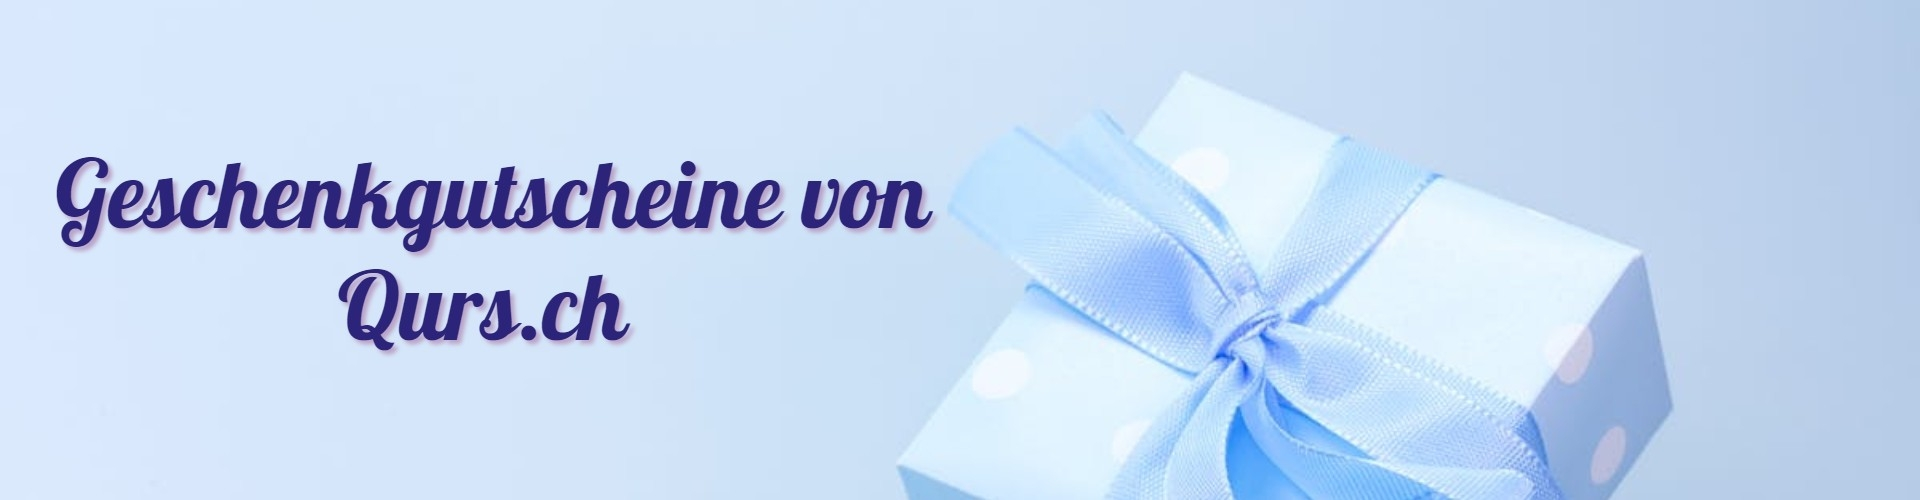 Geschenkgutscheine von Qurs.ch